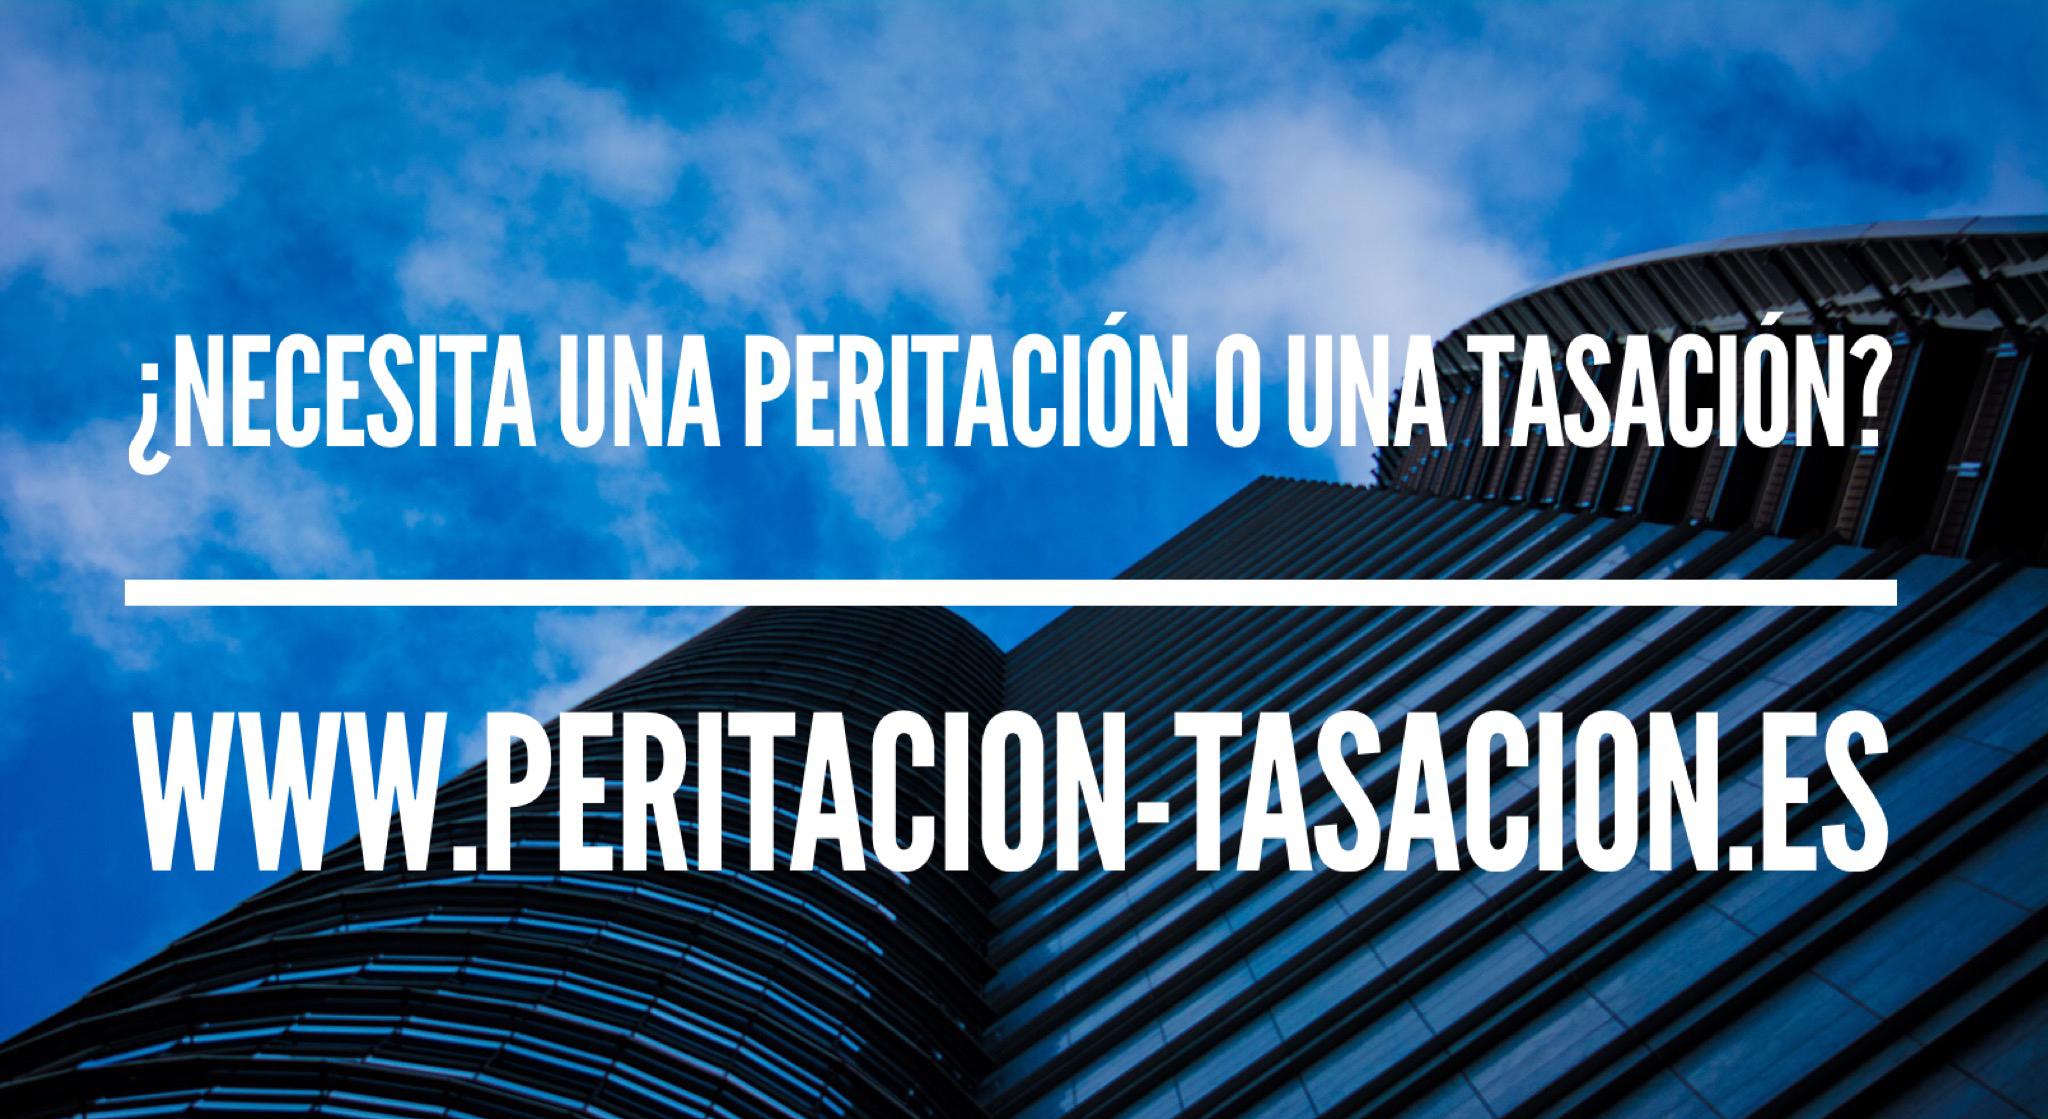 INAUGURAMOS WWW.PERITACION-TASACION.ES